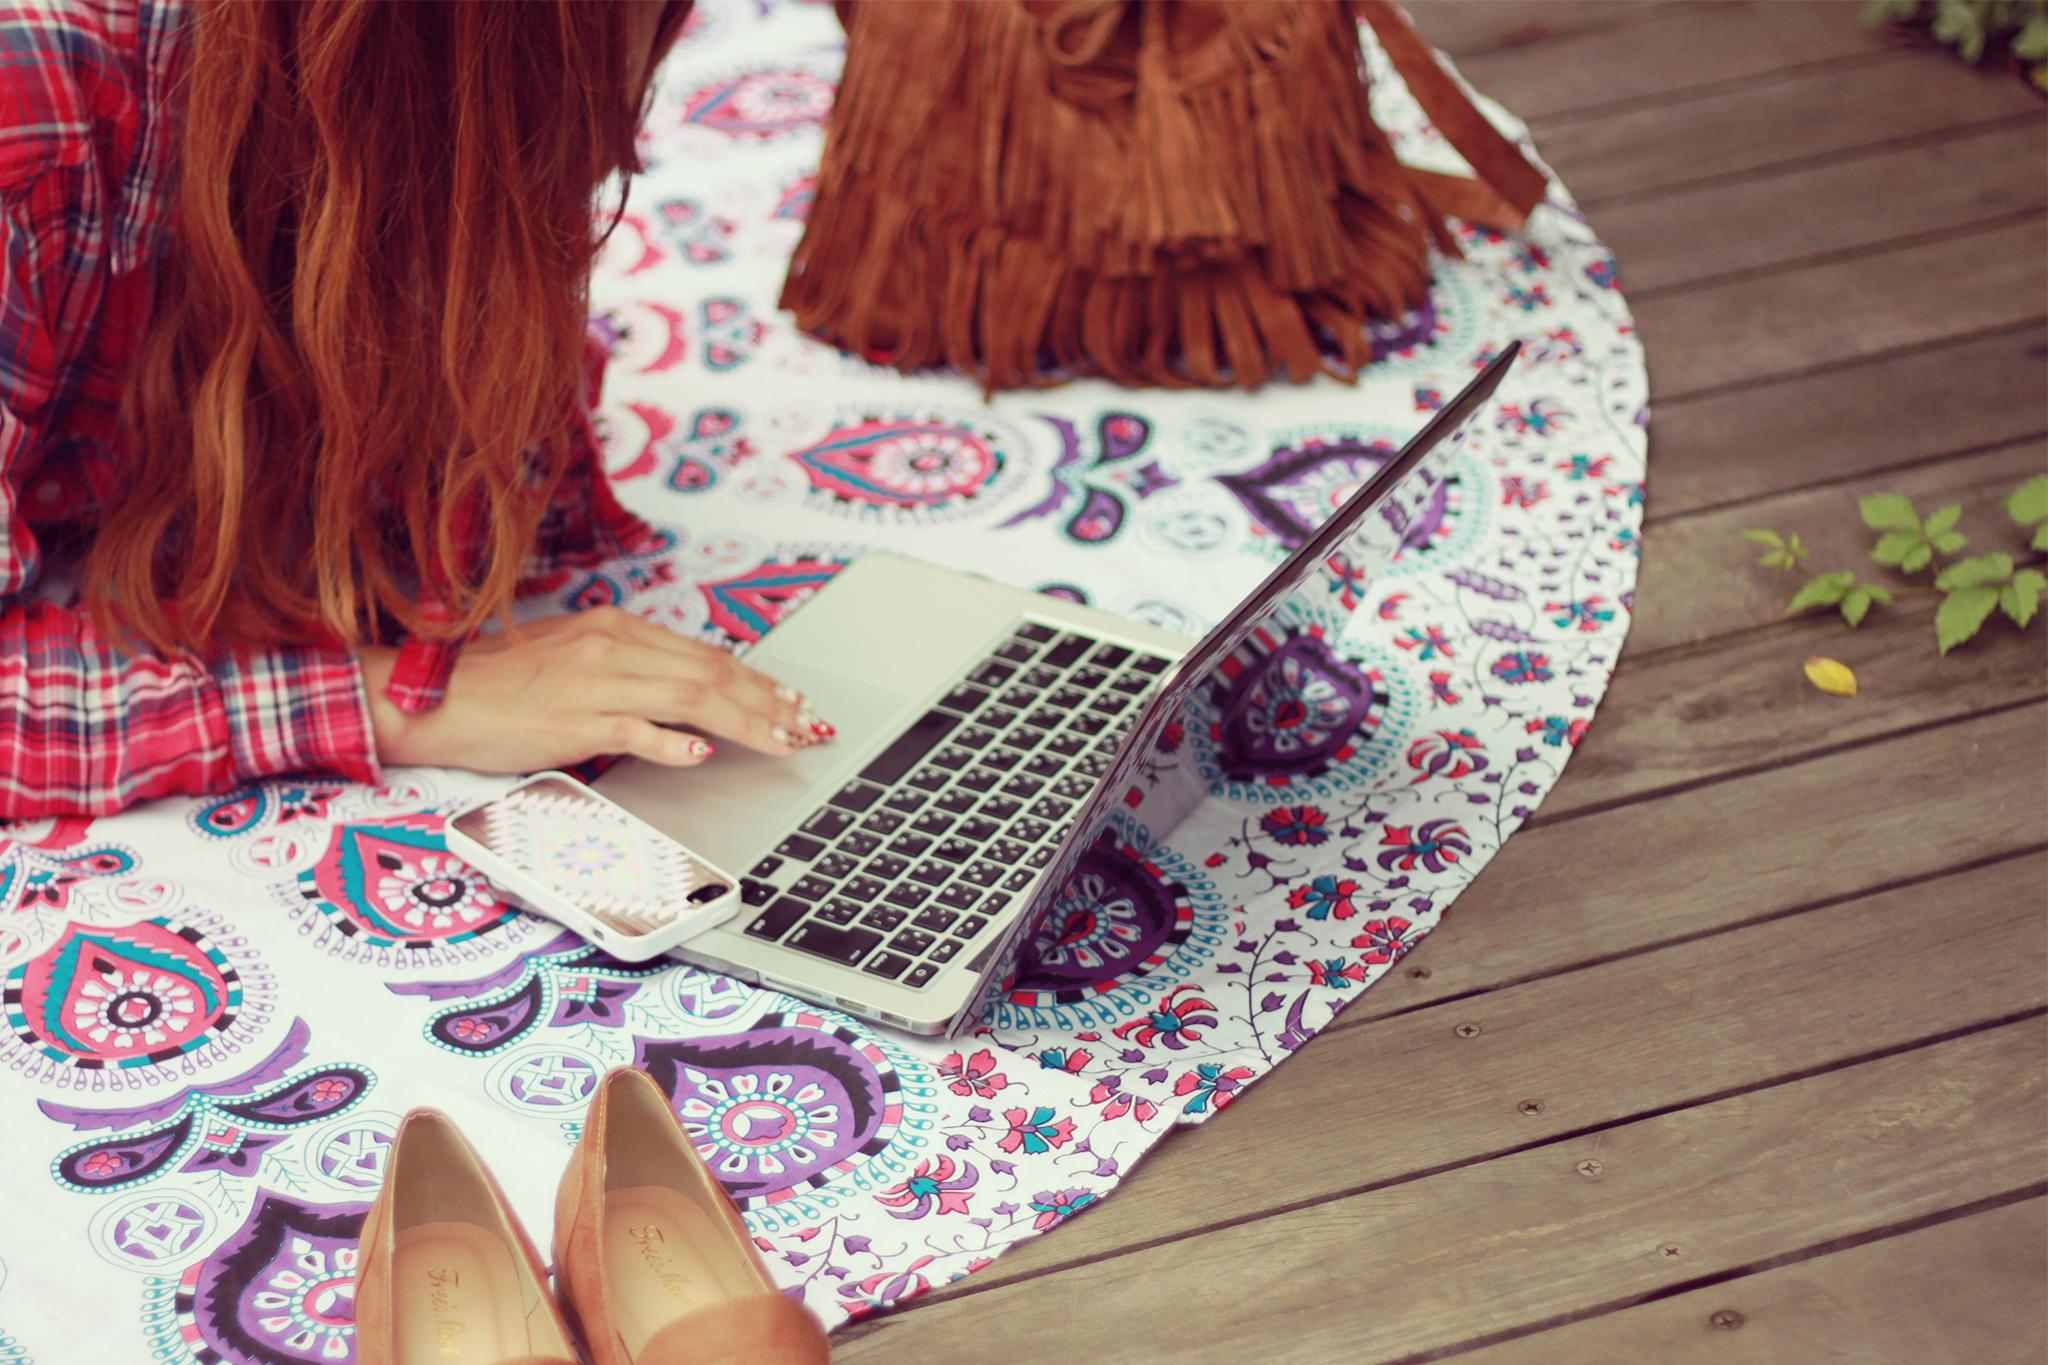 外でパソコンを広げ、青空コーディングをする女の子